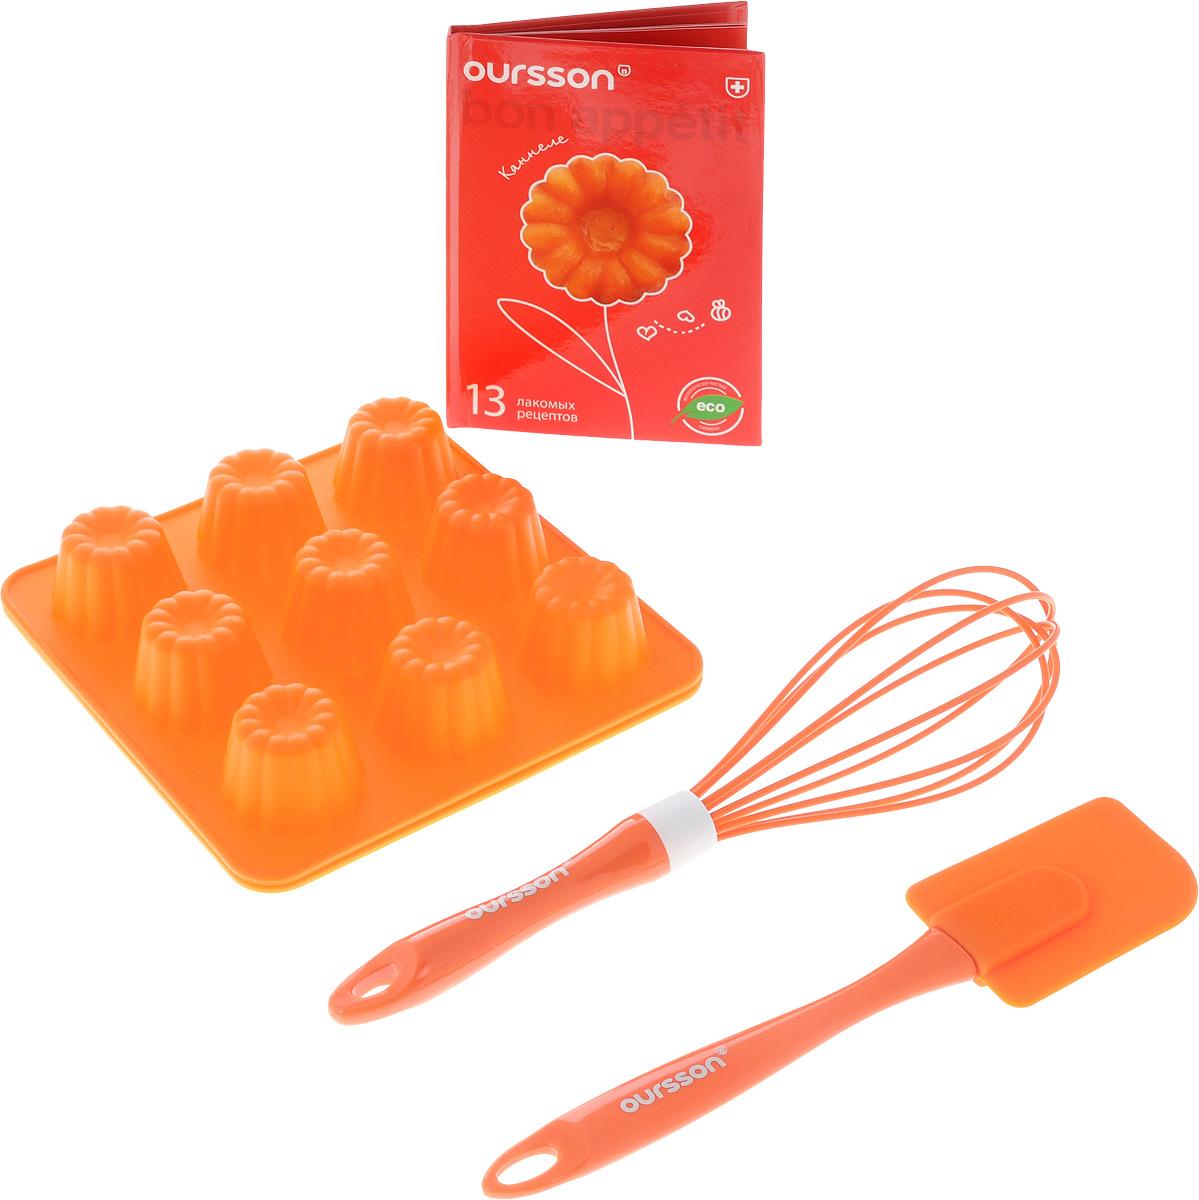 Набор для выпечки Oursson, цвет: оранжевый, 5 предметов68/5/4Набор для выпечки Oursson состоит из двух силиконовых форм для выпечки, венчика и лопатки. Каждая форма содержат по 9 ячеек. Силиконовые формы для выпечки имеют множество преимуществ по сравнению с традиционными металлическими формами и противнями. Нет необходимости смазывать формы маслом. Они быстро нагреваются и равномерно пропекают выпечку. Выпечка в таких формах не пригорает. Формы легко моются.Лопатка и венчик выполнены из пластика и силикона. Изделия оснащены петельками для подвешивания. В комплект входит книга с 10 рецептами каннеле. Формы можно использовать в духовках и микроволновых печах (выдерживает температуру от -20°С до +220°С), также их можно помещать в морозильную камеру и холодильник. Можно мыть в посудомоечной машине. Размер формы: 16,5 х 16,5 х 3 см.Размер ячейки: 4 х 4 х 3 см.Длина венчика: 25 см.Длина лопатки: 23 см.